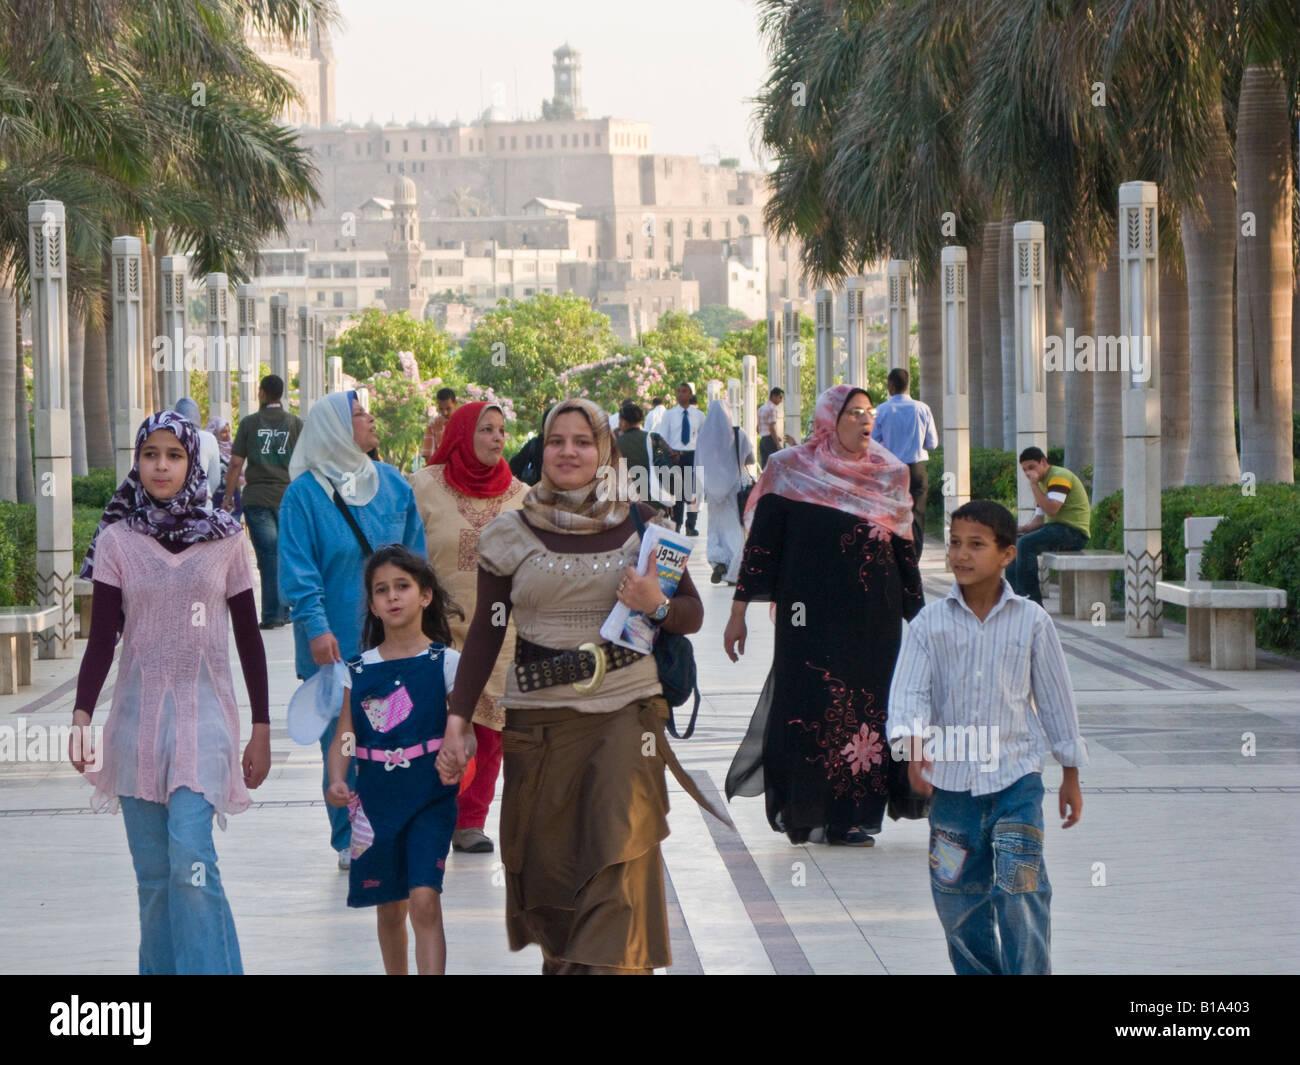 veiled women and children strolling, al-Azhar Park, Cairo, Egypt - Stock Image